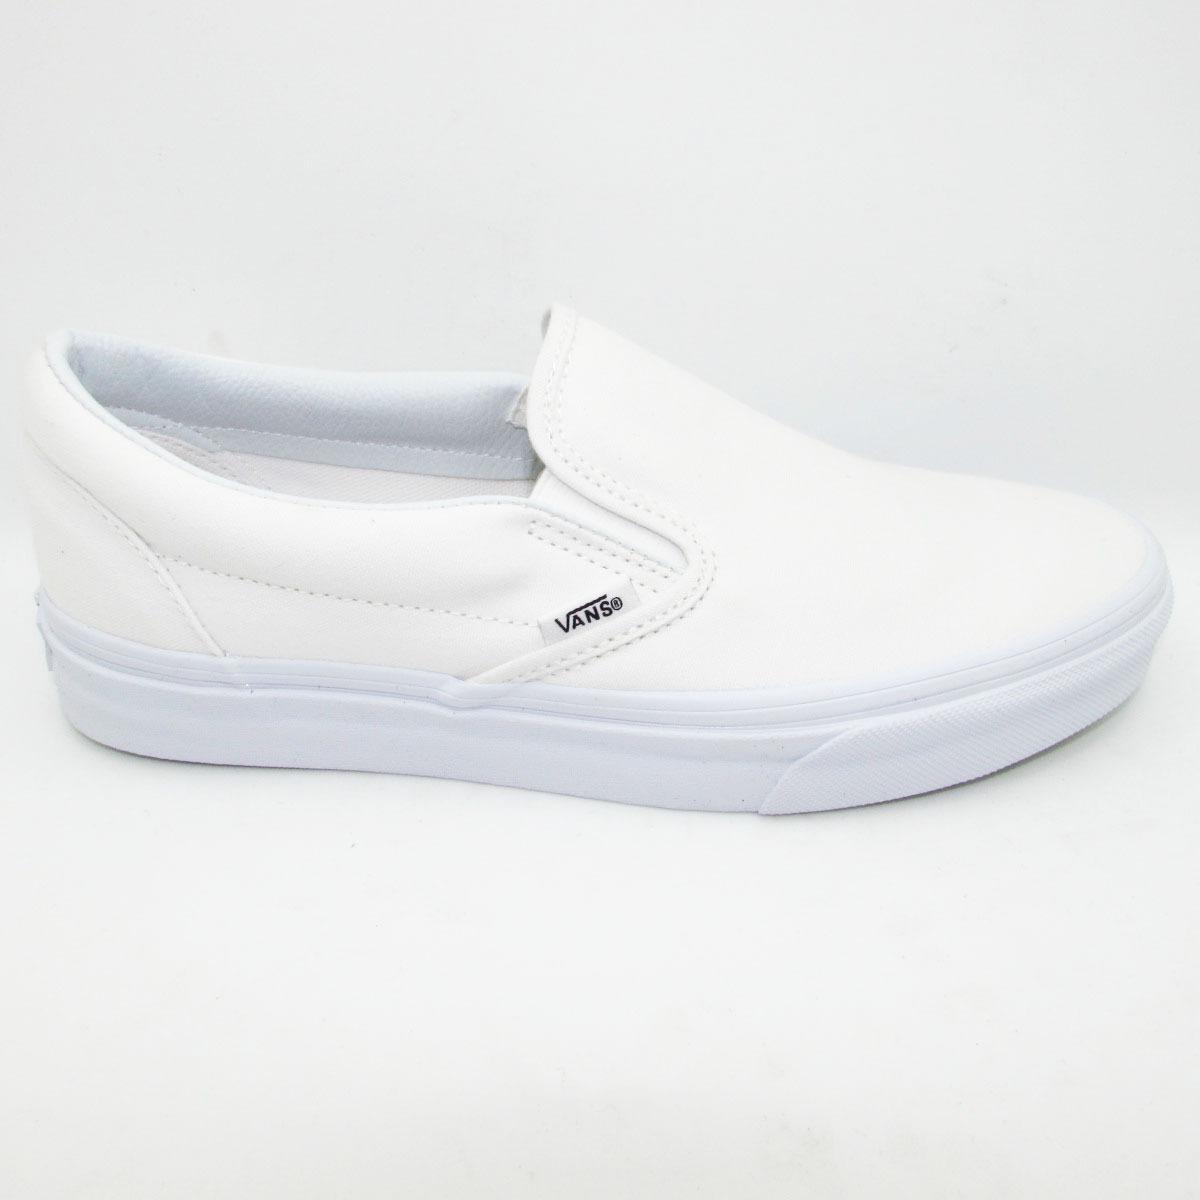 Tenis Vans Slip On Classic Vn-0eyew00 White Blanco Unisex -   799.00 ... 117dd89494b